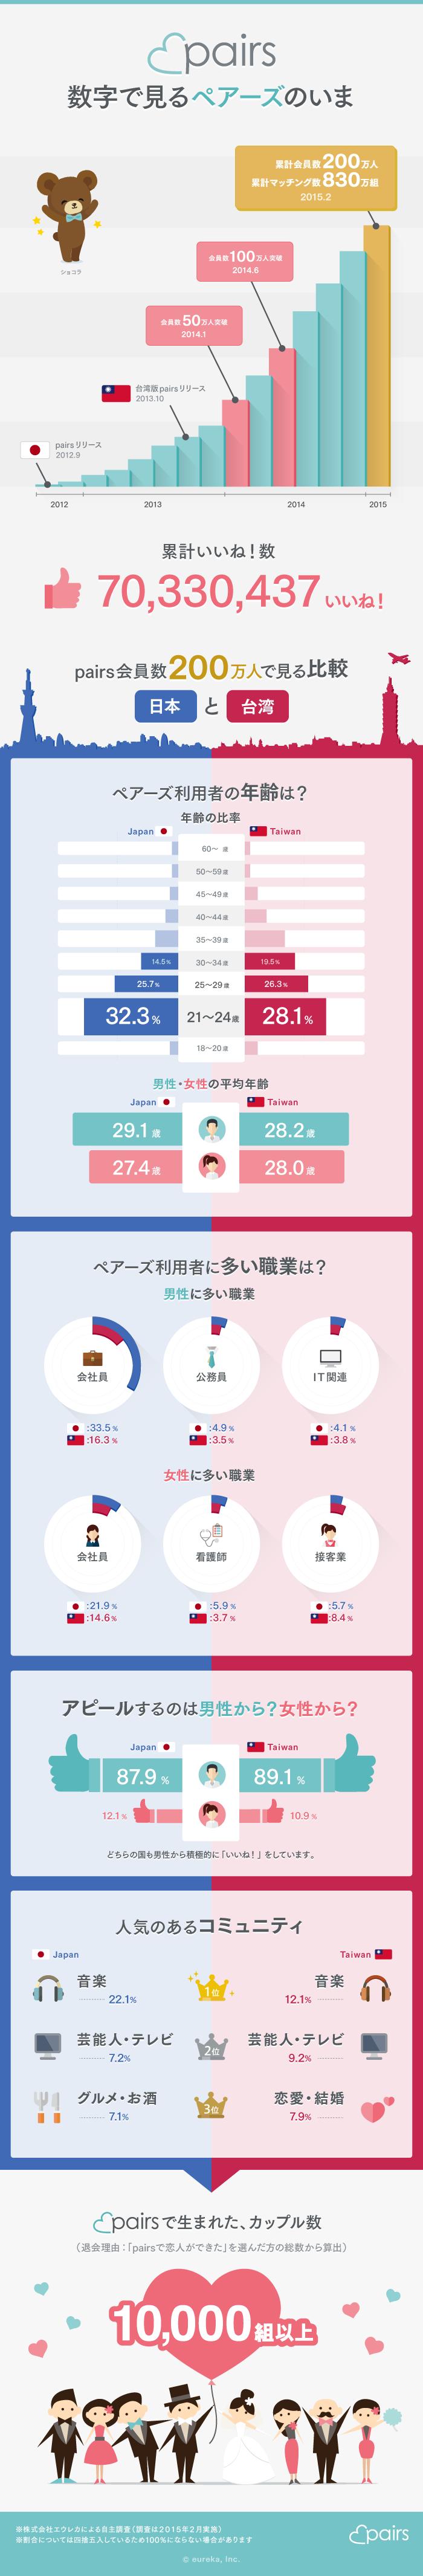 infographic_20150325